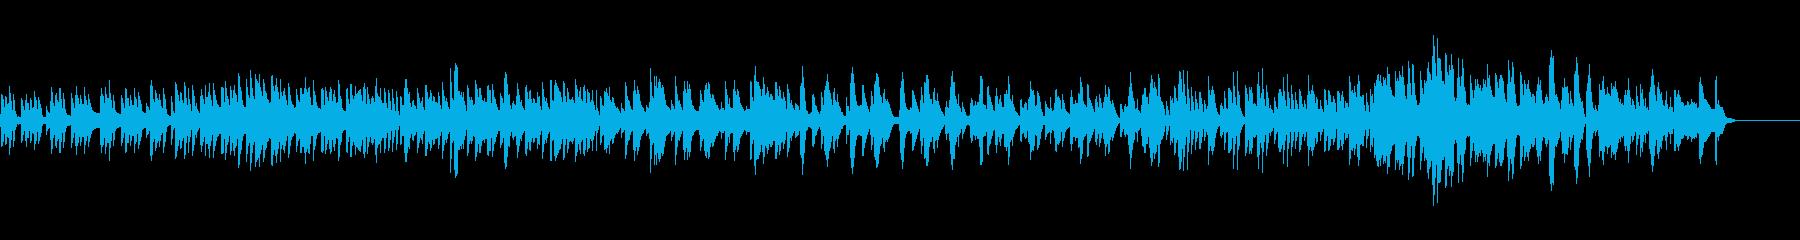 テンポ感あるハープ曲の再生済みの波形